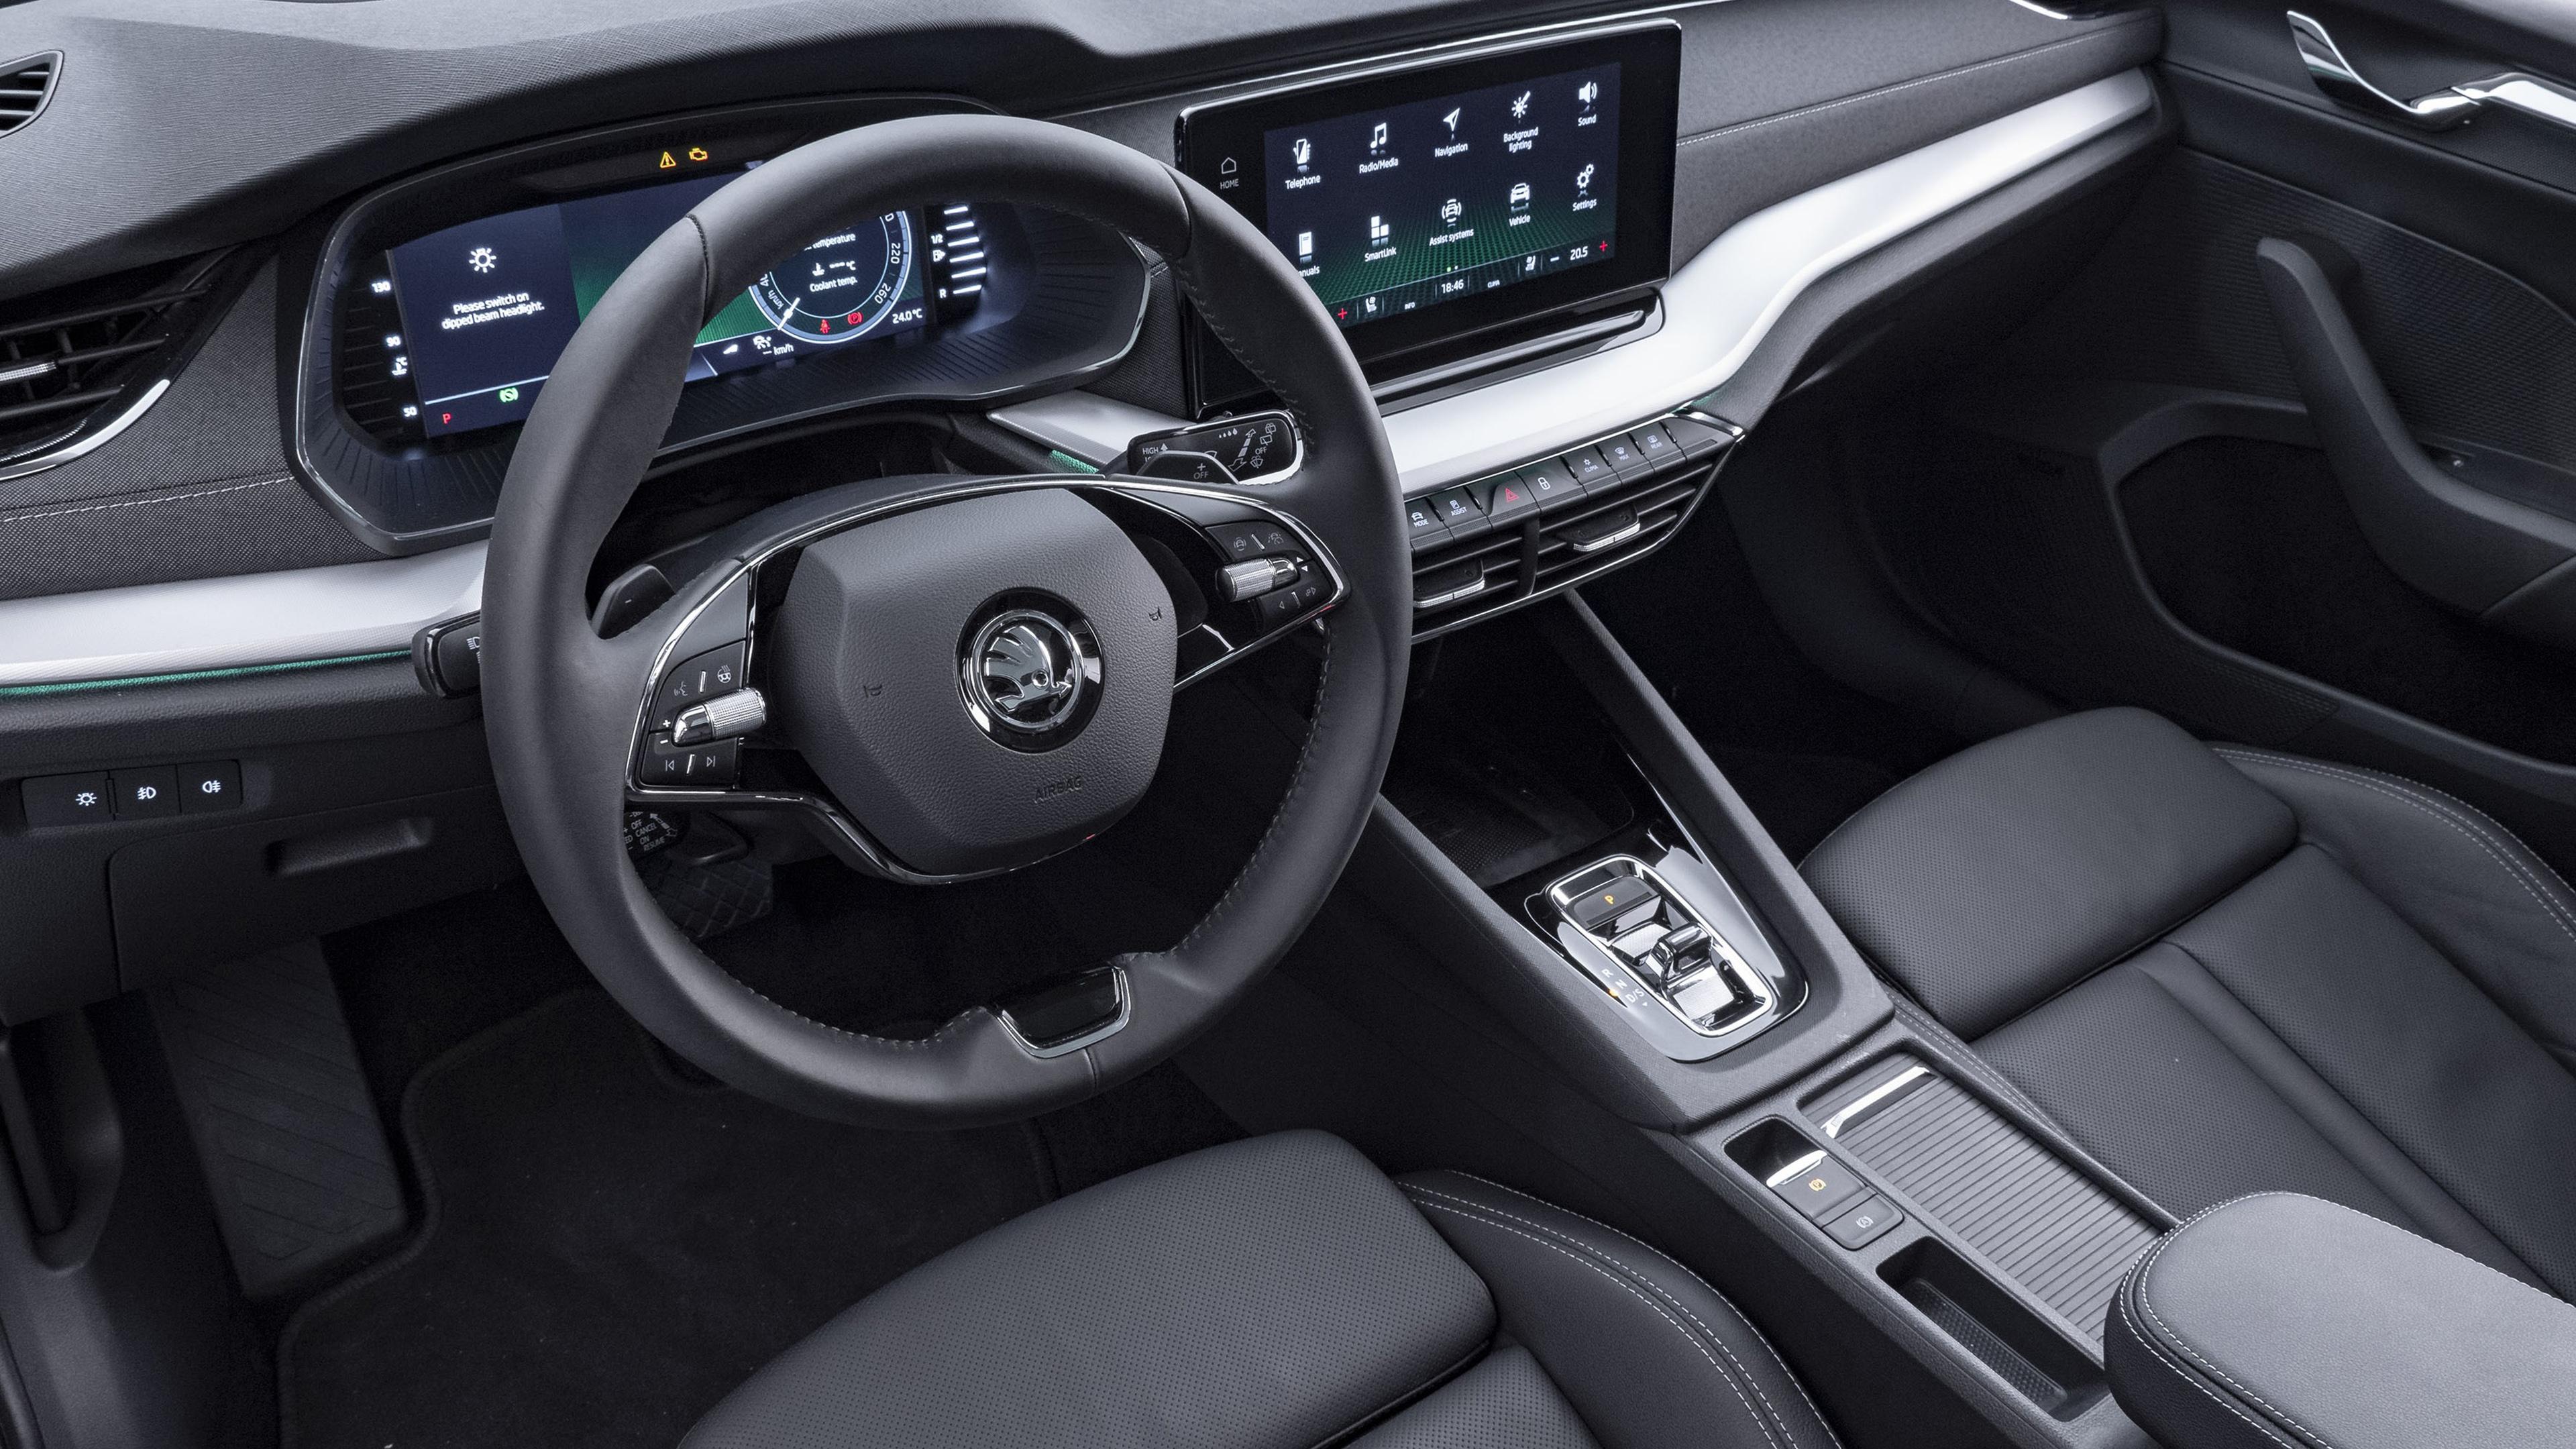 Skoda Octavia Combi 2020 4K Interior Wallpaper | HD Car ...